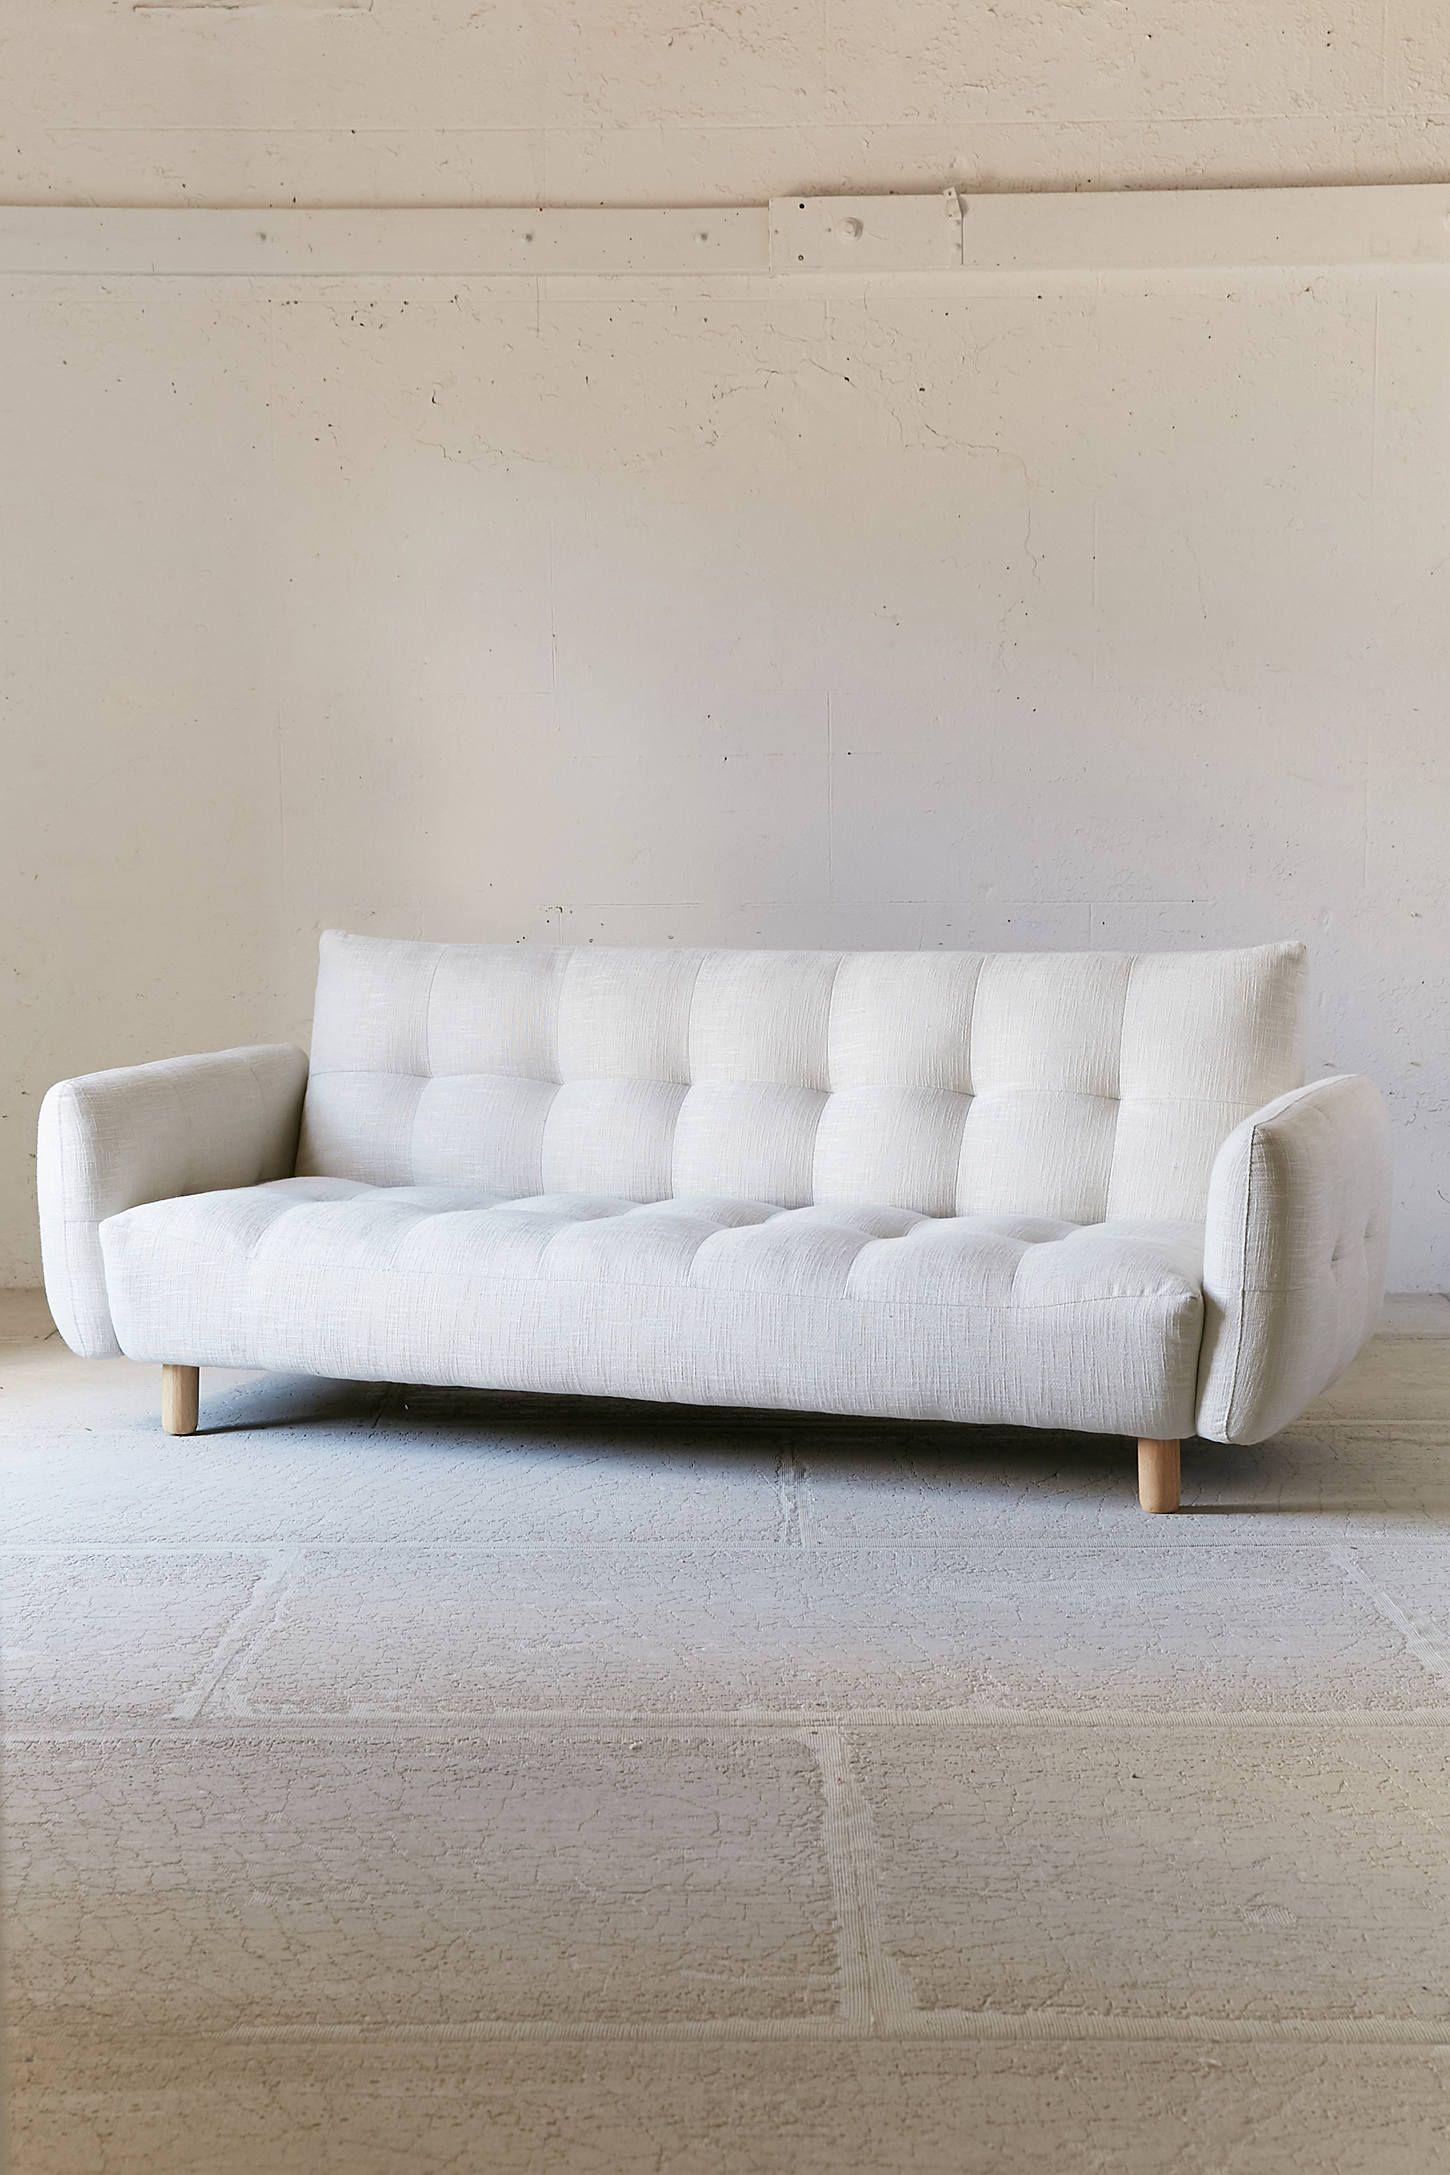 Winslow Sleeper Sofa Modern Sleeper Sofa Best Sleeper Sofa Sofa